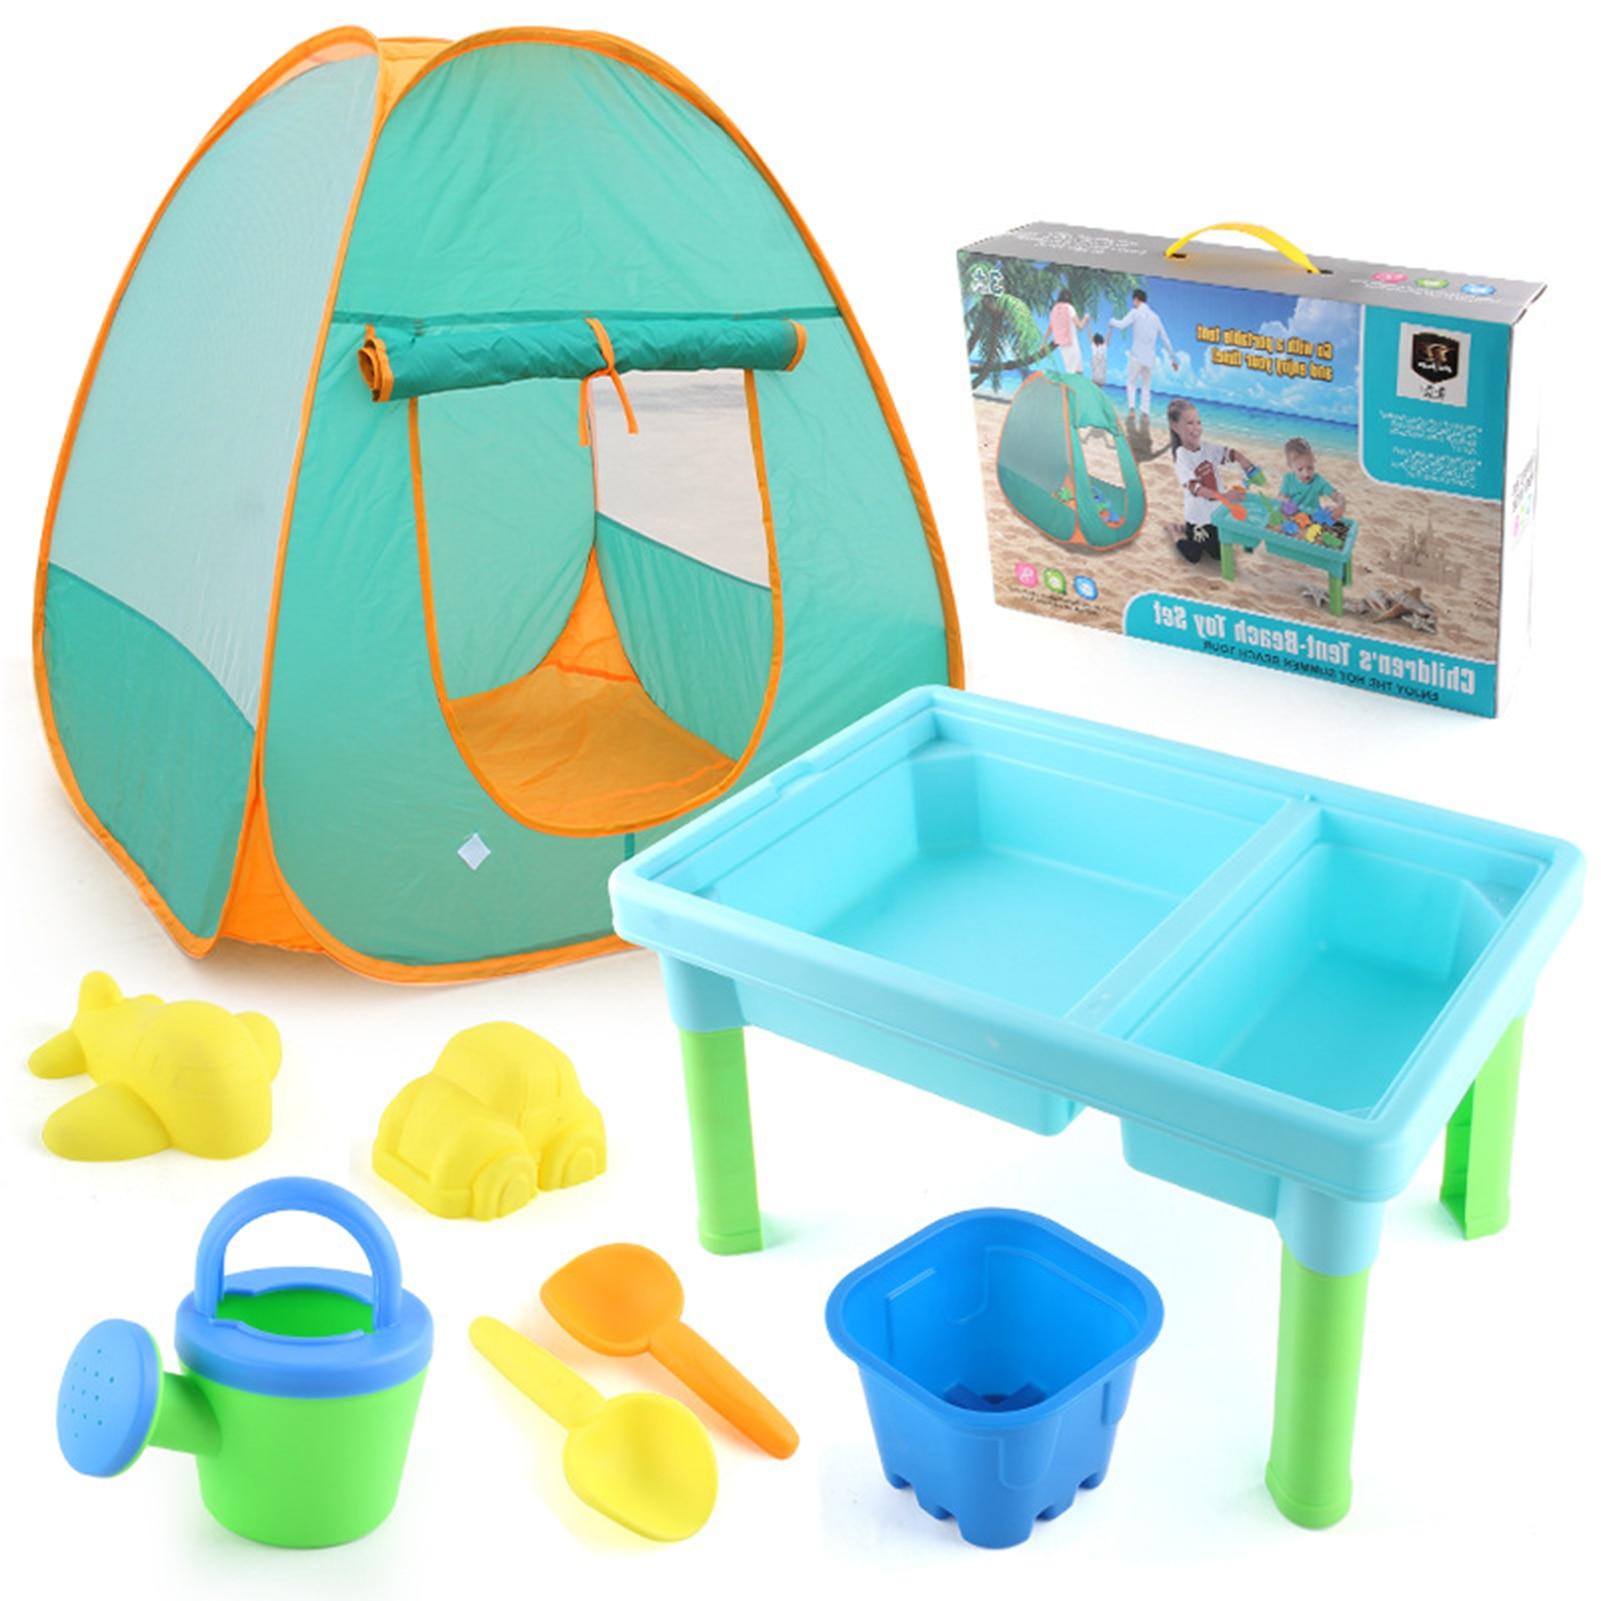 Игрушечная палатка, Пляжная навес, палатка для детей, летняя уличная Пляжная палатка, игровой домик, кемпинг, навес, пляжный тент, детская иг...